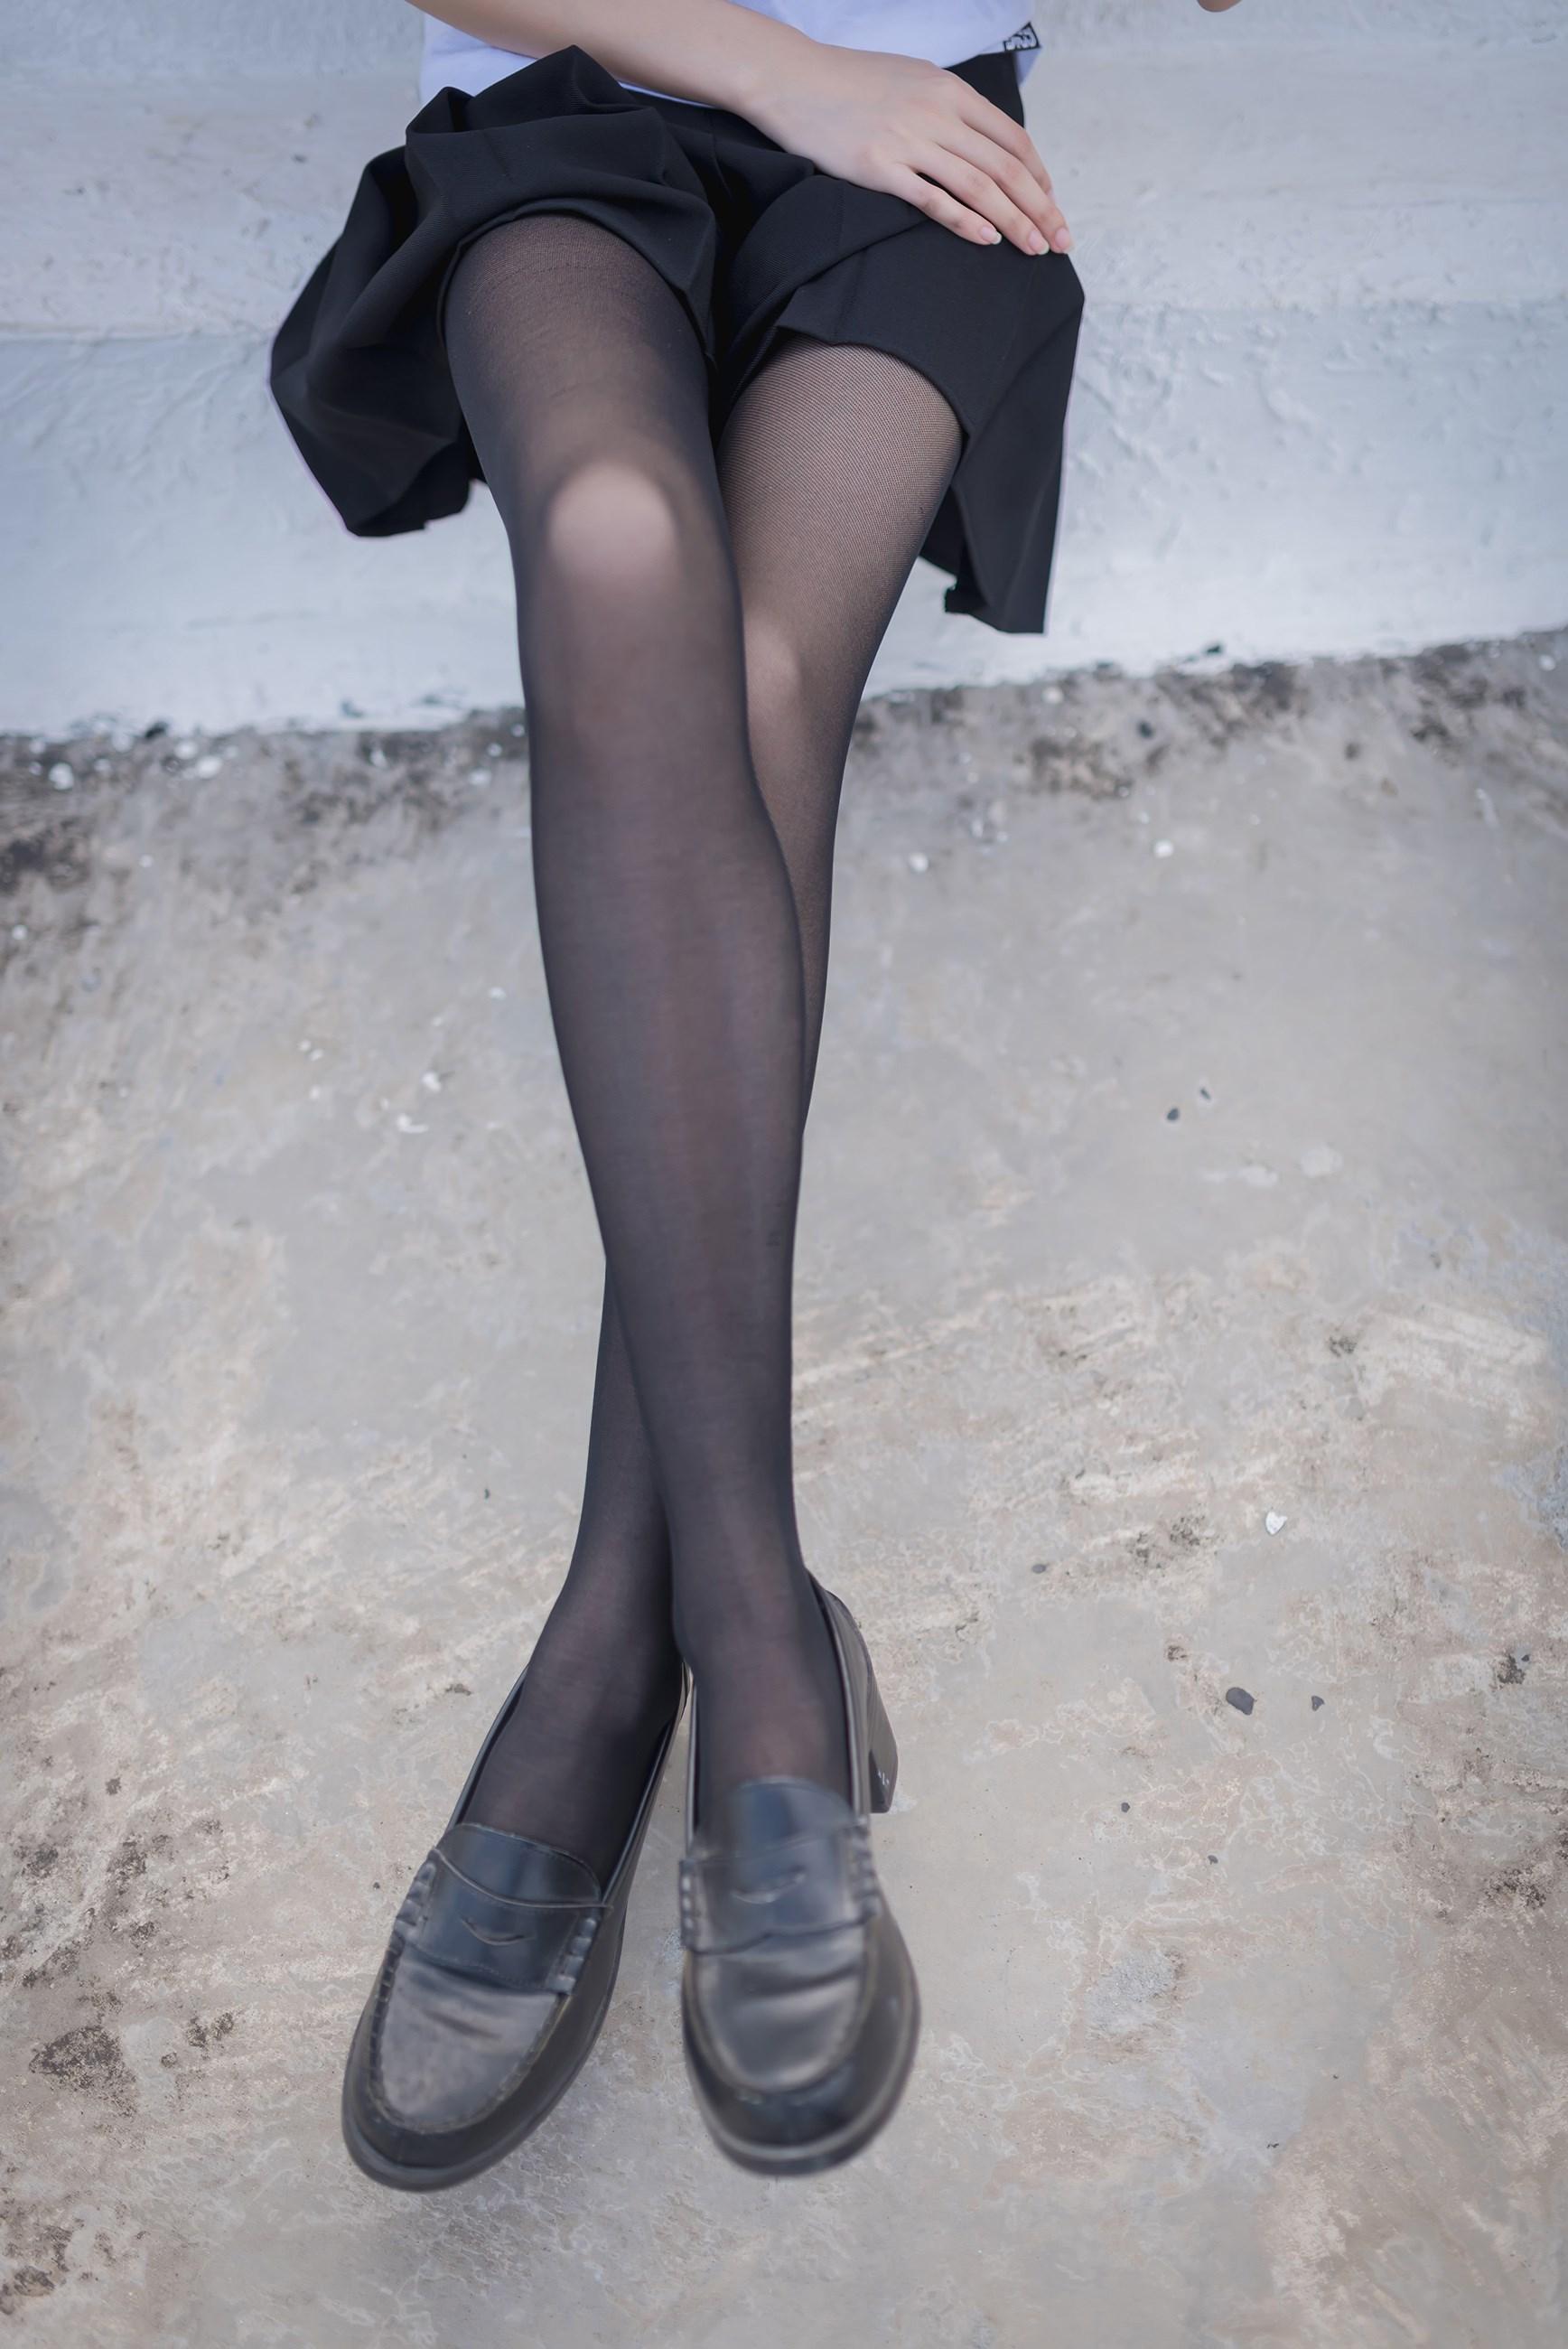 【兔玩映画】天台的黑丝少女 兔玩映画 第20张